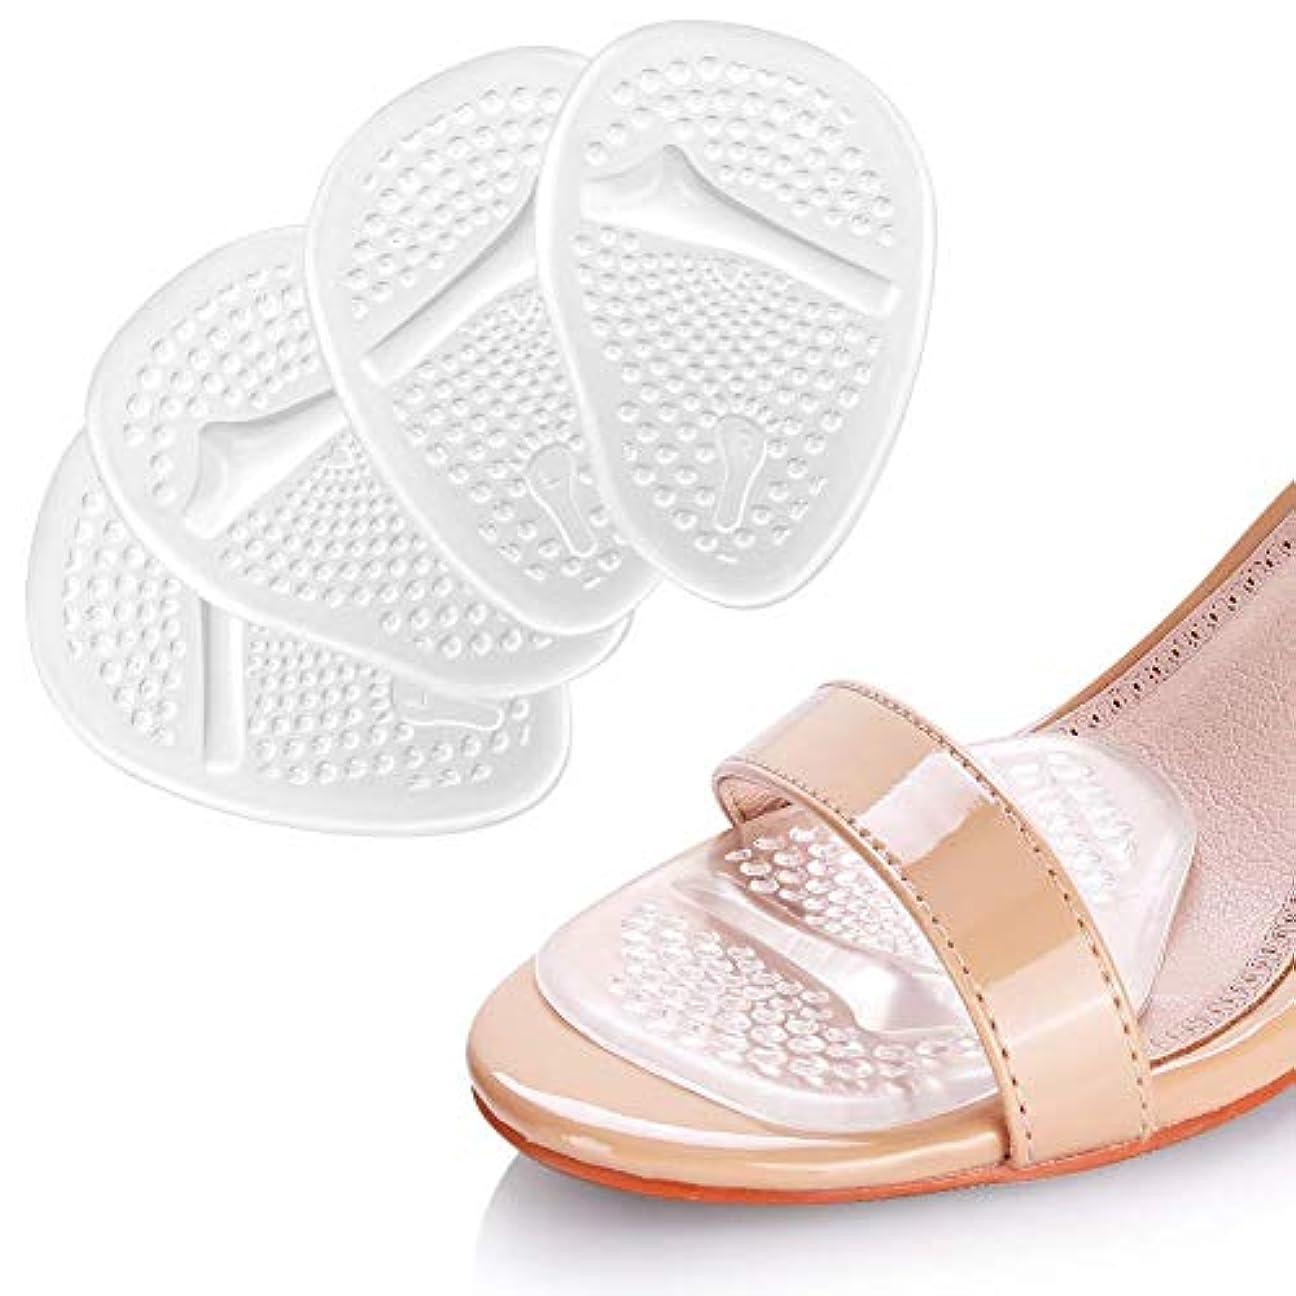 ハイライト補正任命脛骨パッド、サッカーパッド、女性の脛骨パッド、女性の靴の中敷用の終日痛み緩和コンフォートコード(透明)